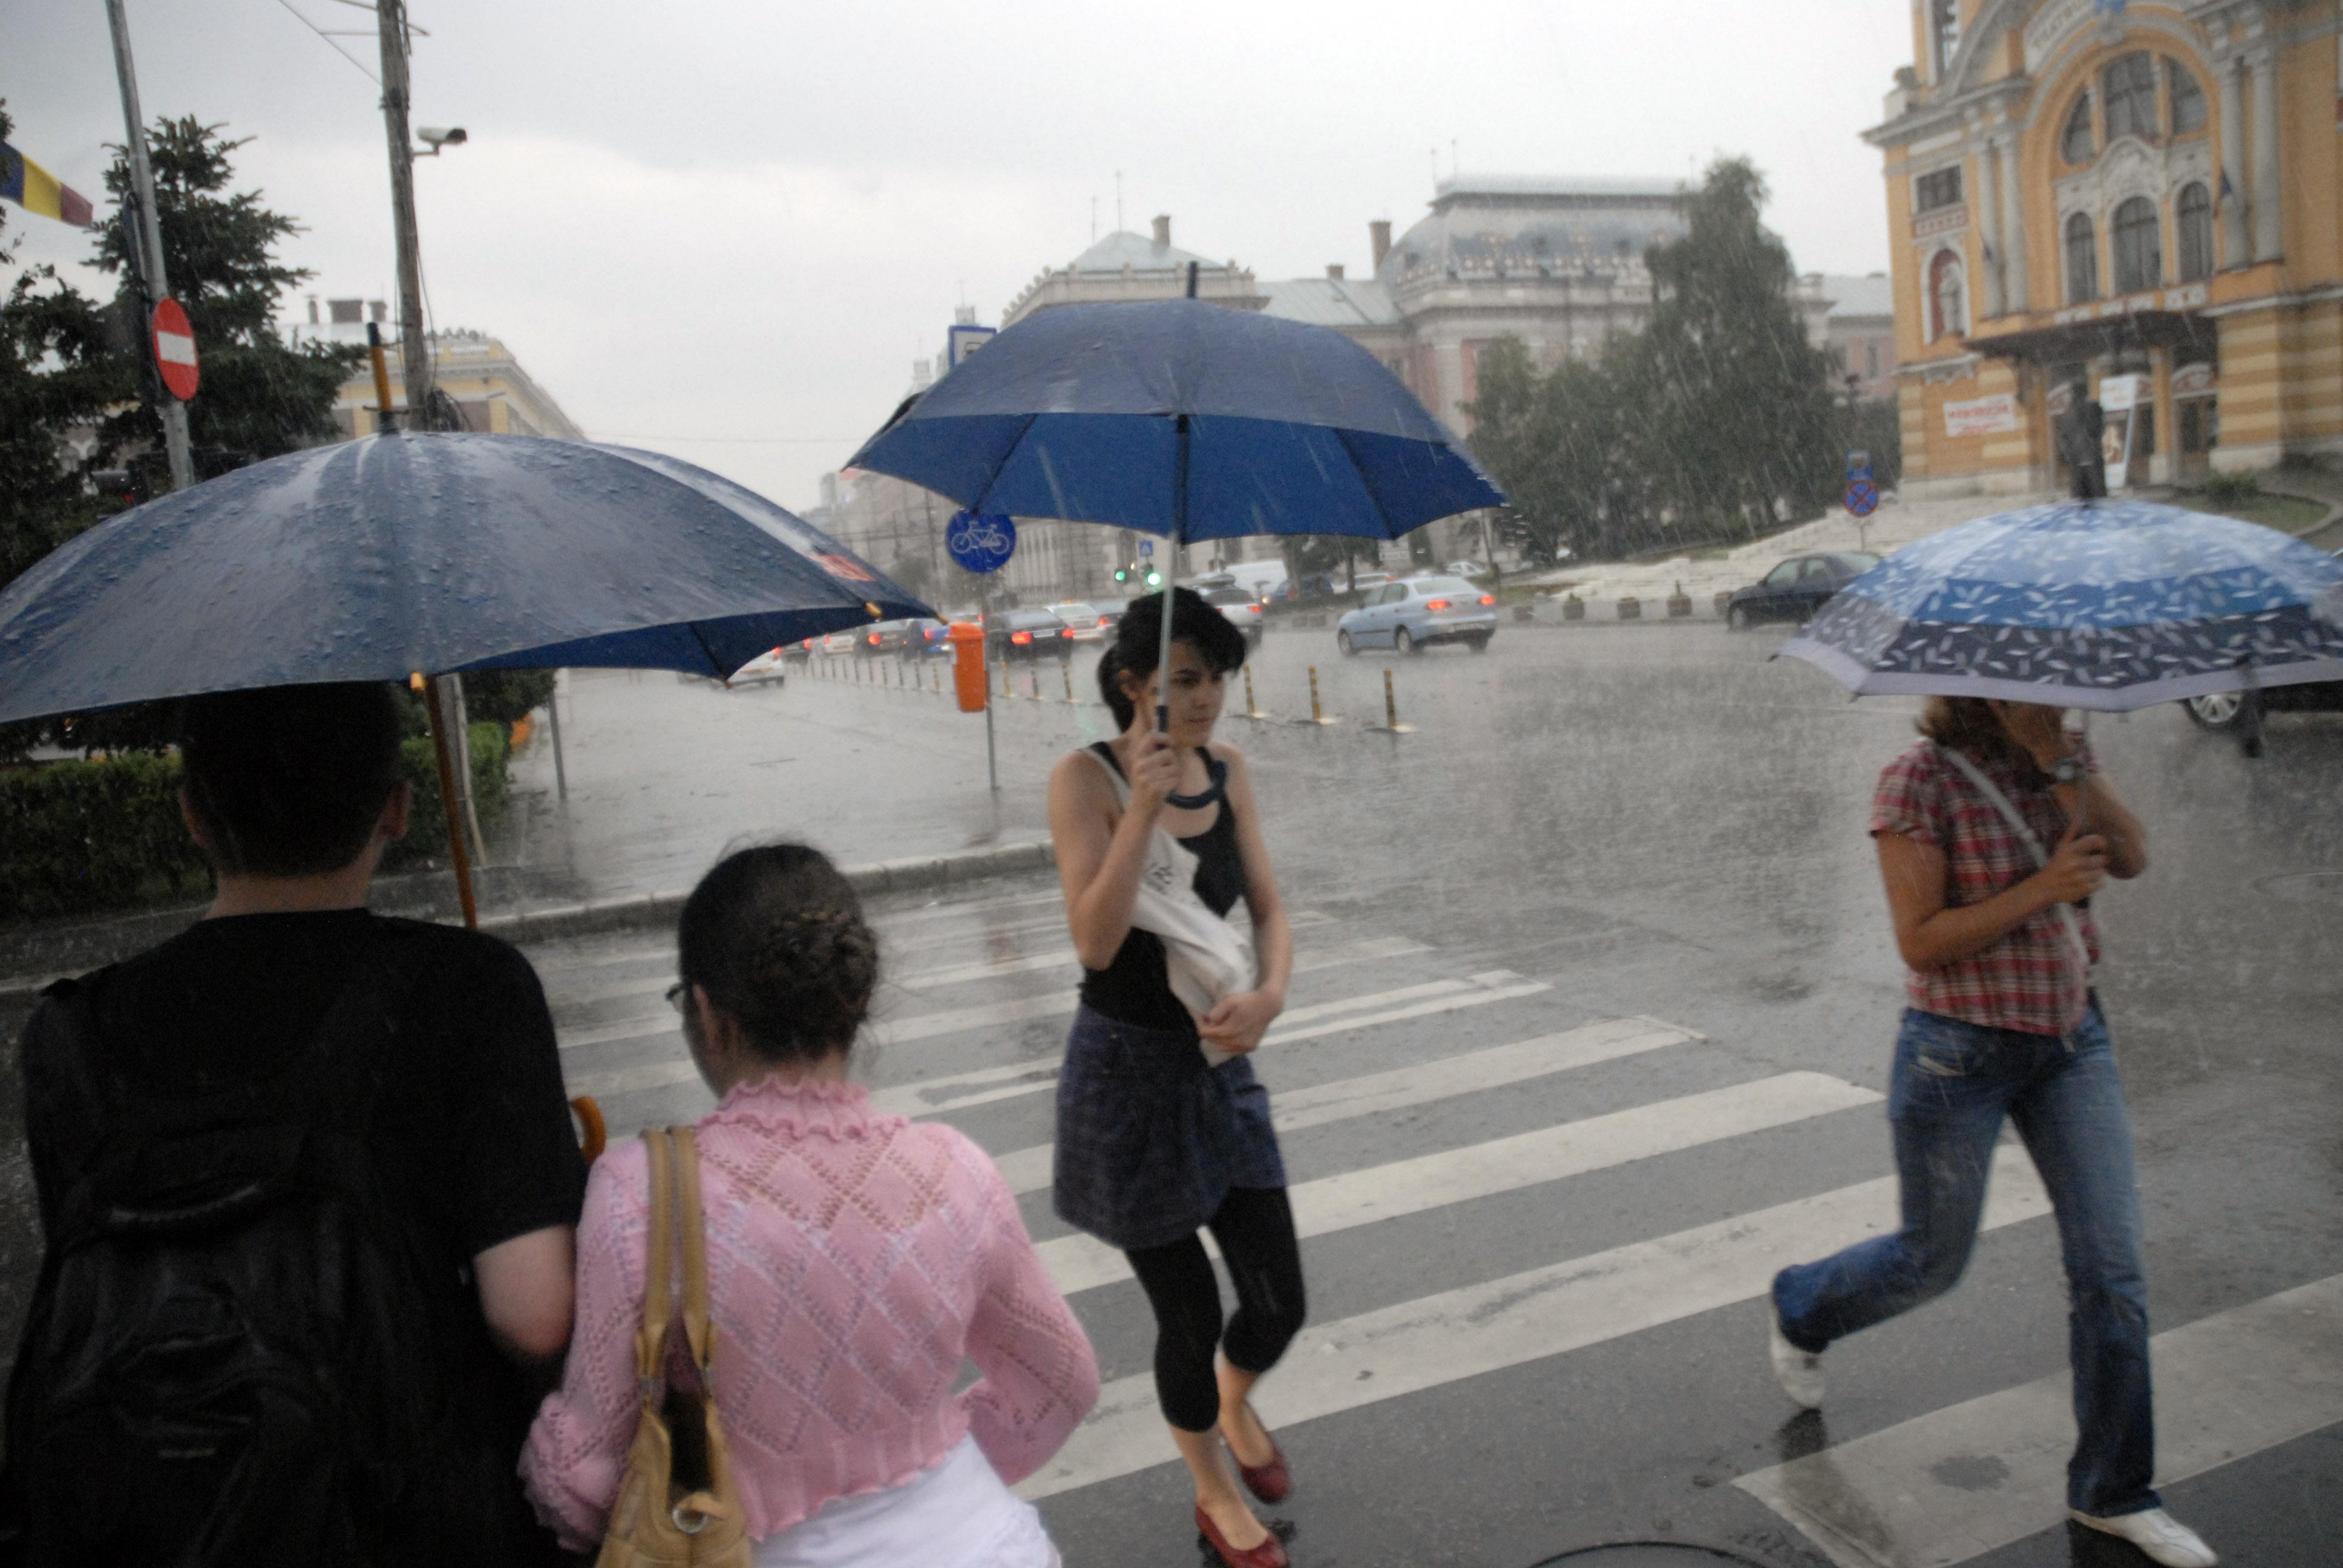 Vremea va deveni rece pentru această dată în cea mai mare parte a ţării. PROGNOZA METEO pentru marţi şi miercuri